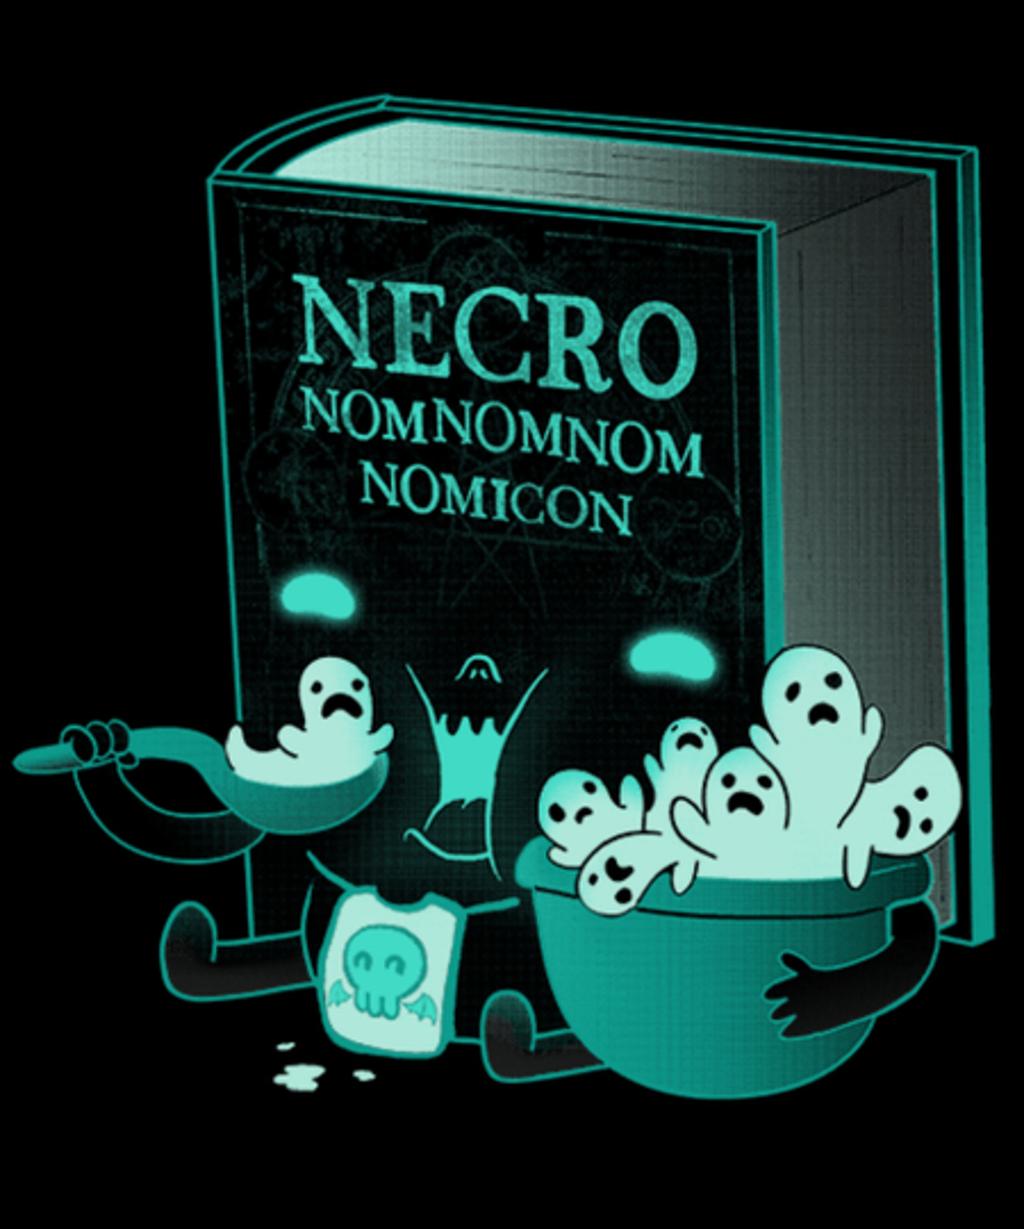 Qwertee: Necronomnomnomicon